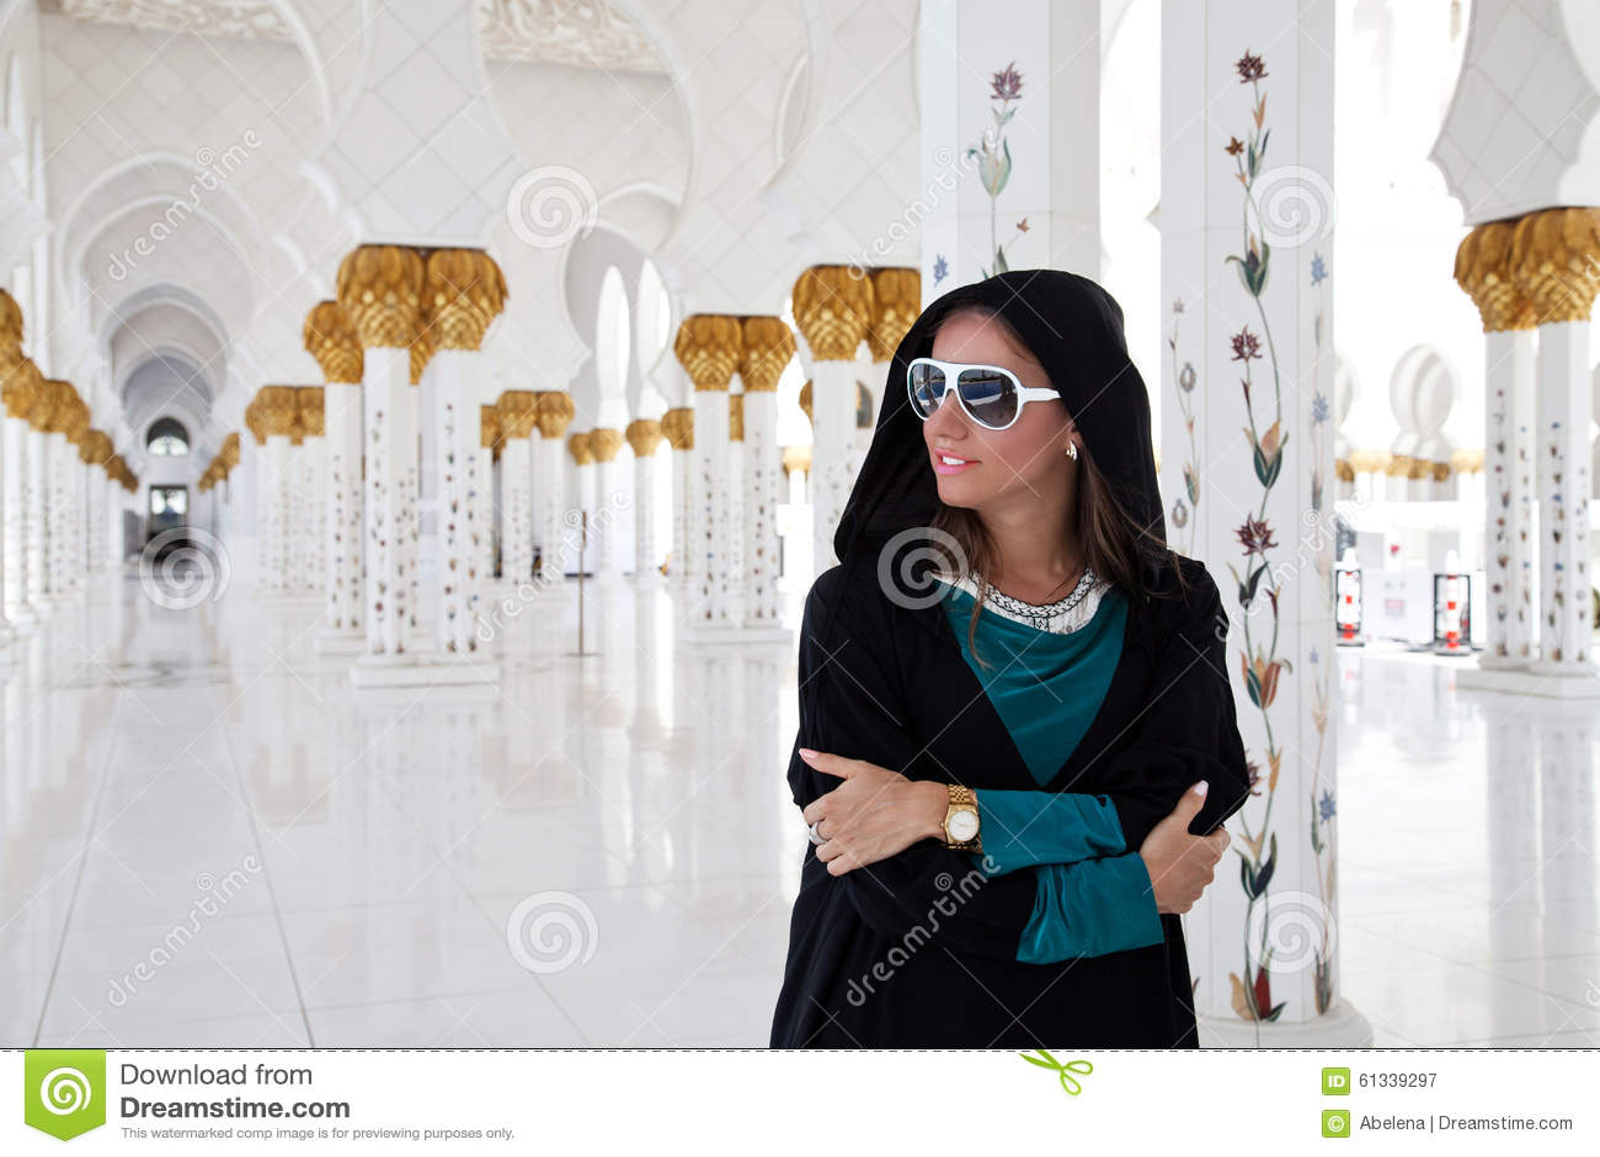 Frauenrechte in Dubai und Abu Dhabi   Job im Ausland